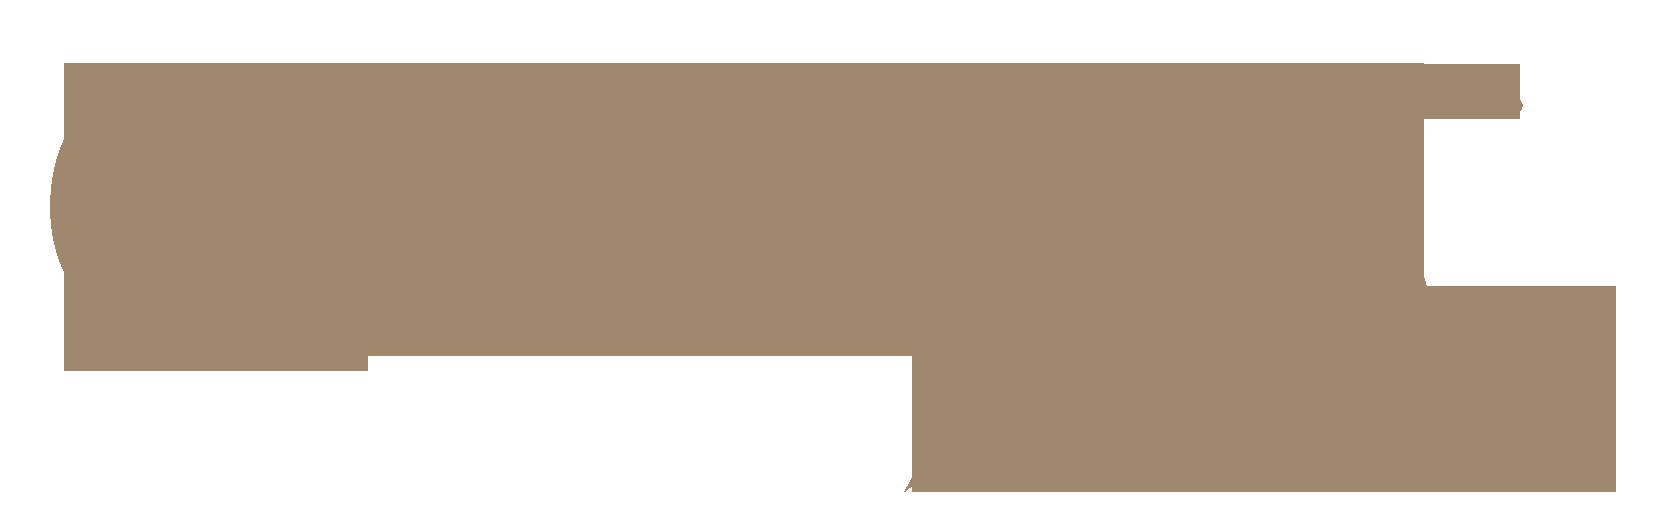 京都メンズエステQueens Premium・クイーンズプレミアム